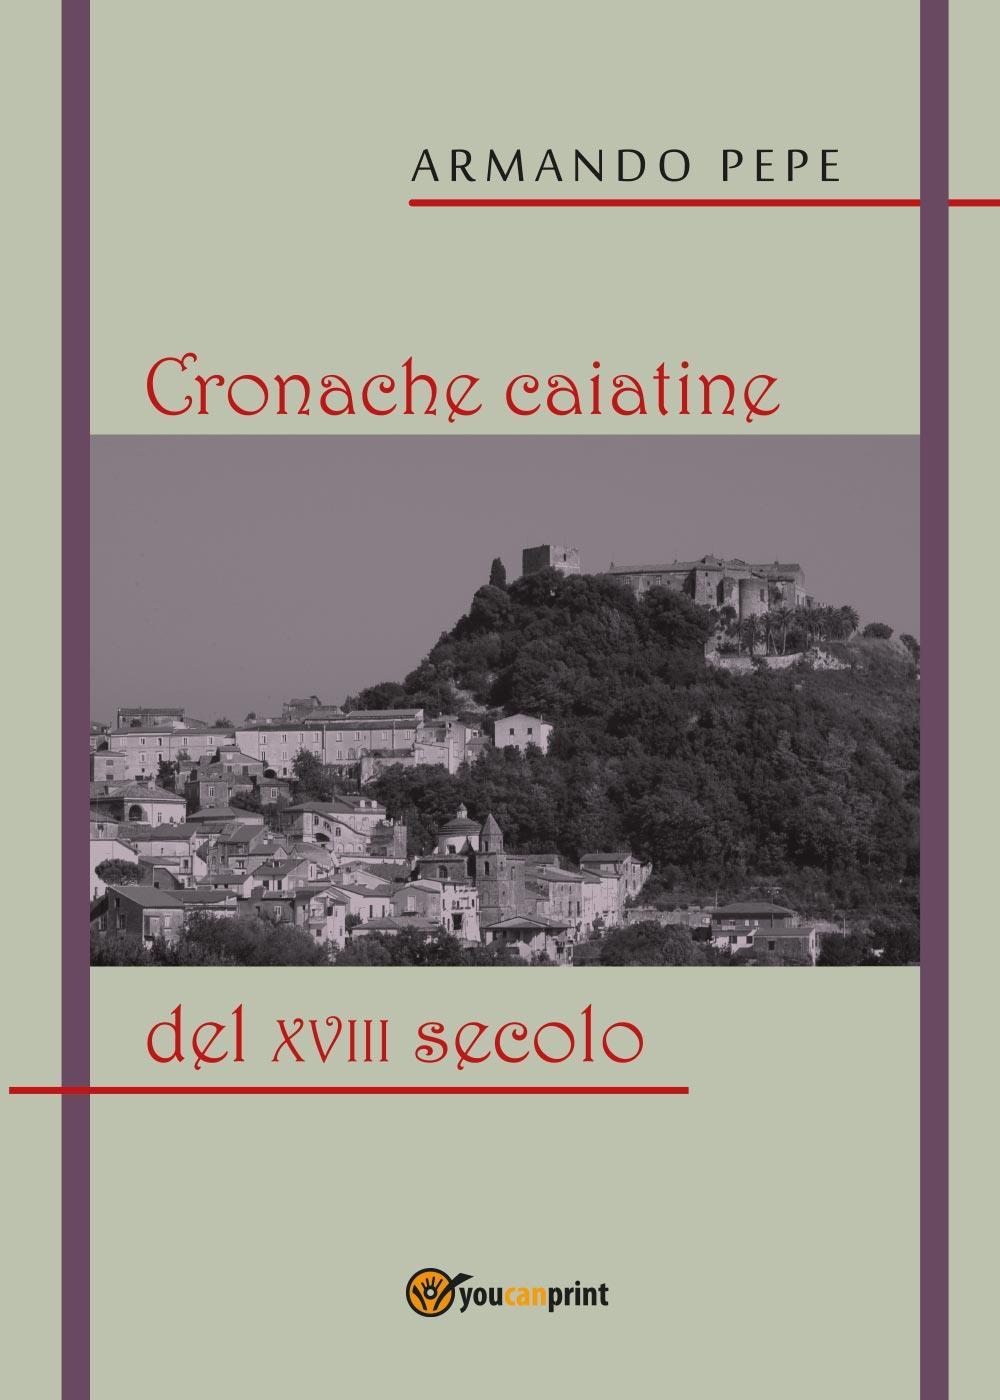 Cronache caiatine del XVIII secolo